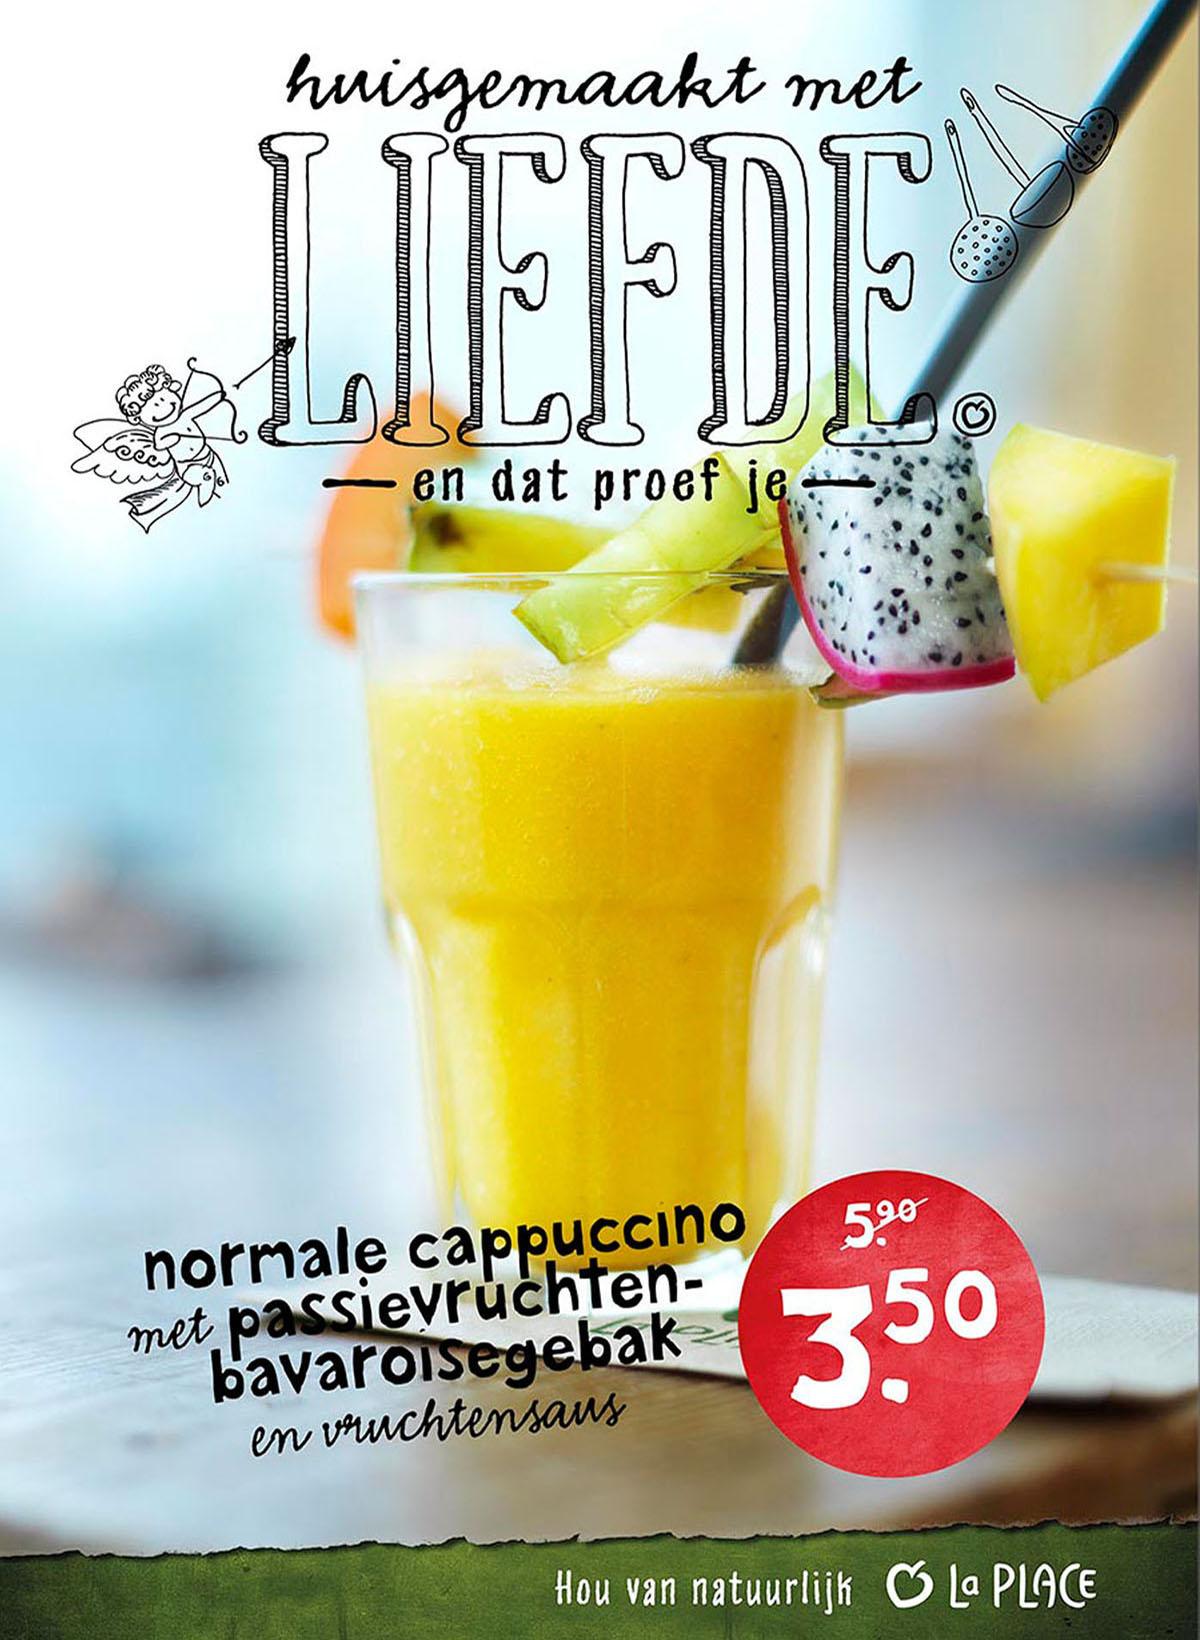 Drank fotografie van smoothie drink van La Place gemaakt door Studio_m Fotografie Amsterdam